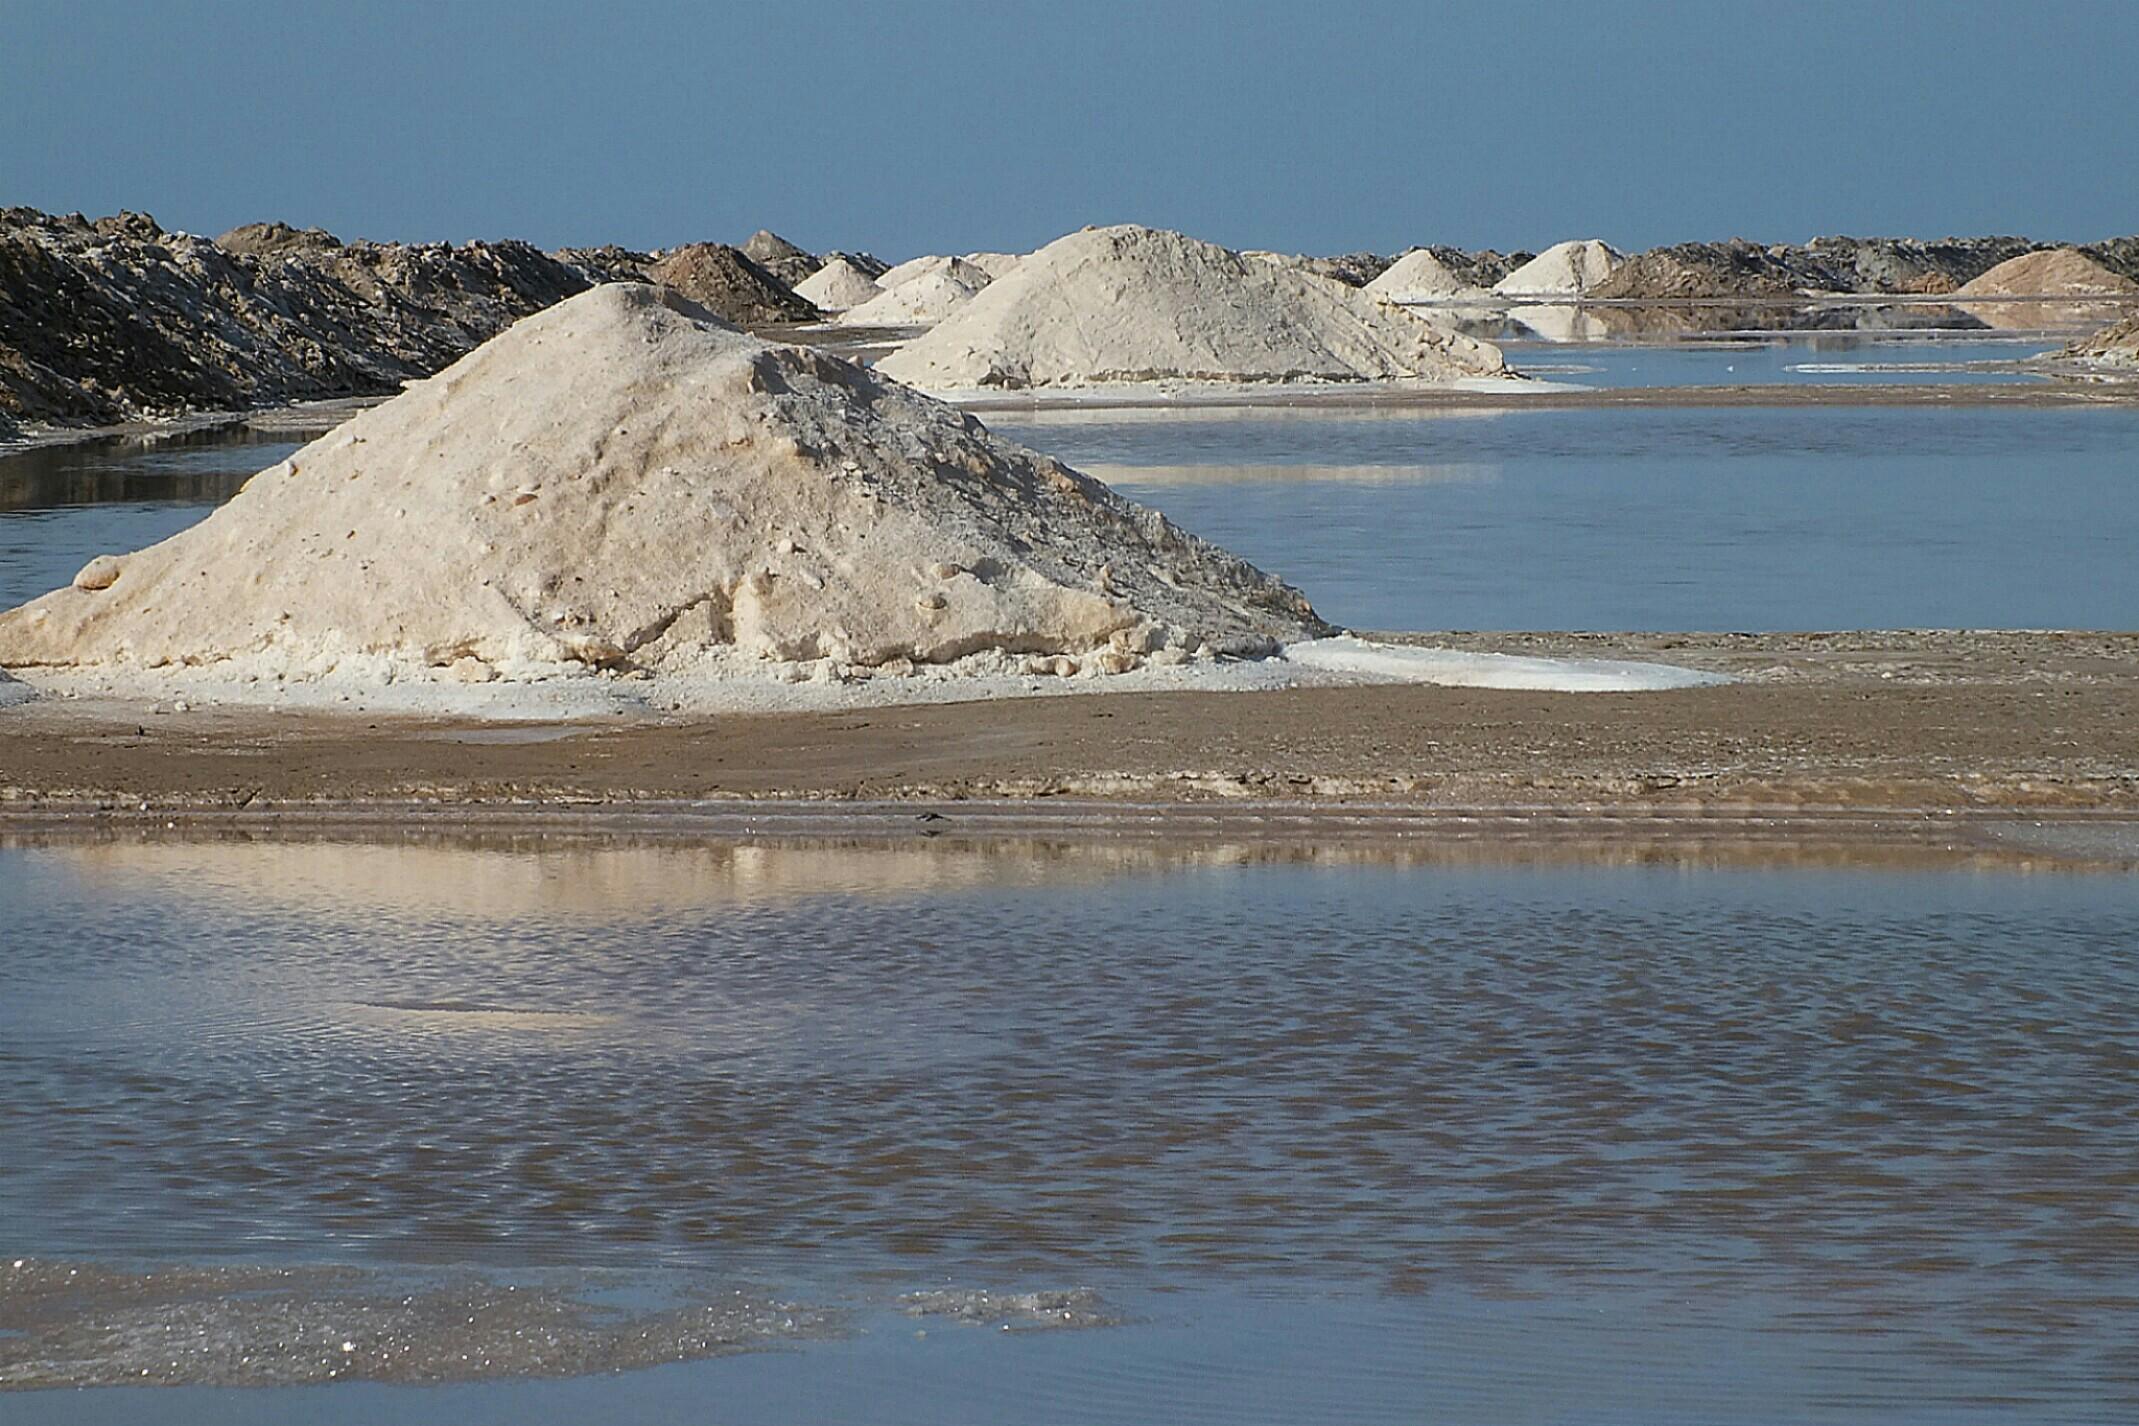 Maroko.Solnisko.Sól morska